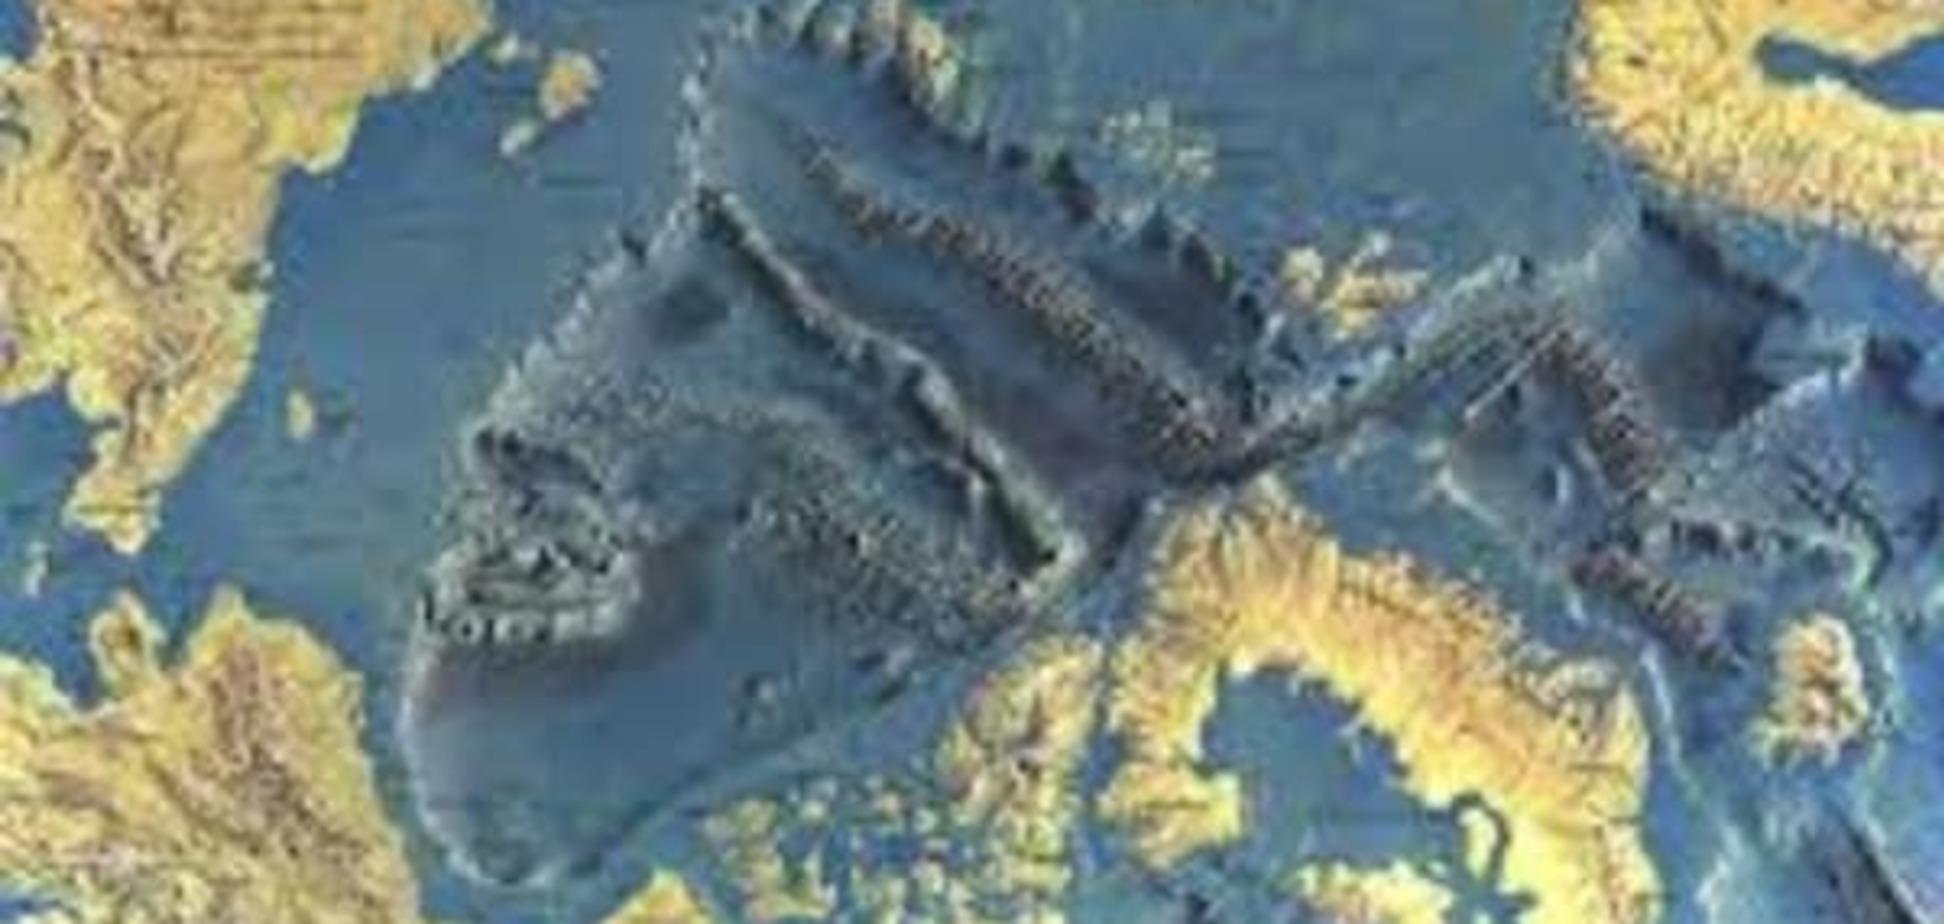 Ученые доказали существование древнего континента Арктида